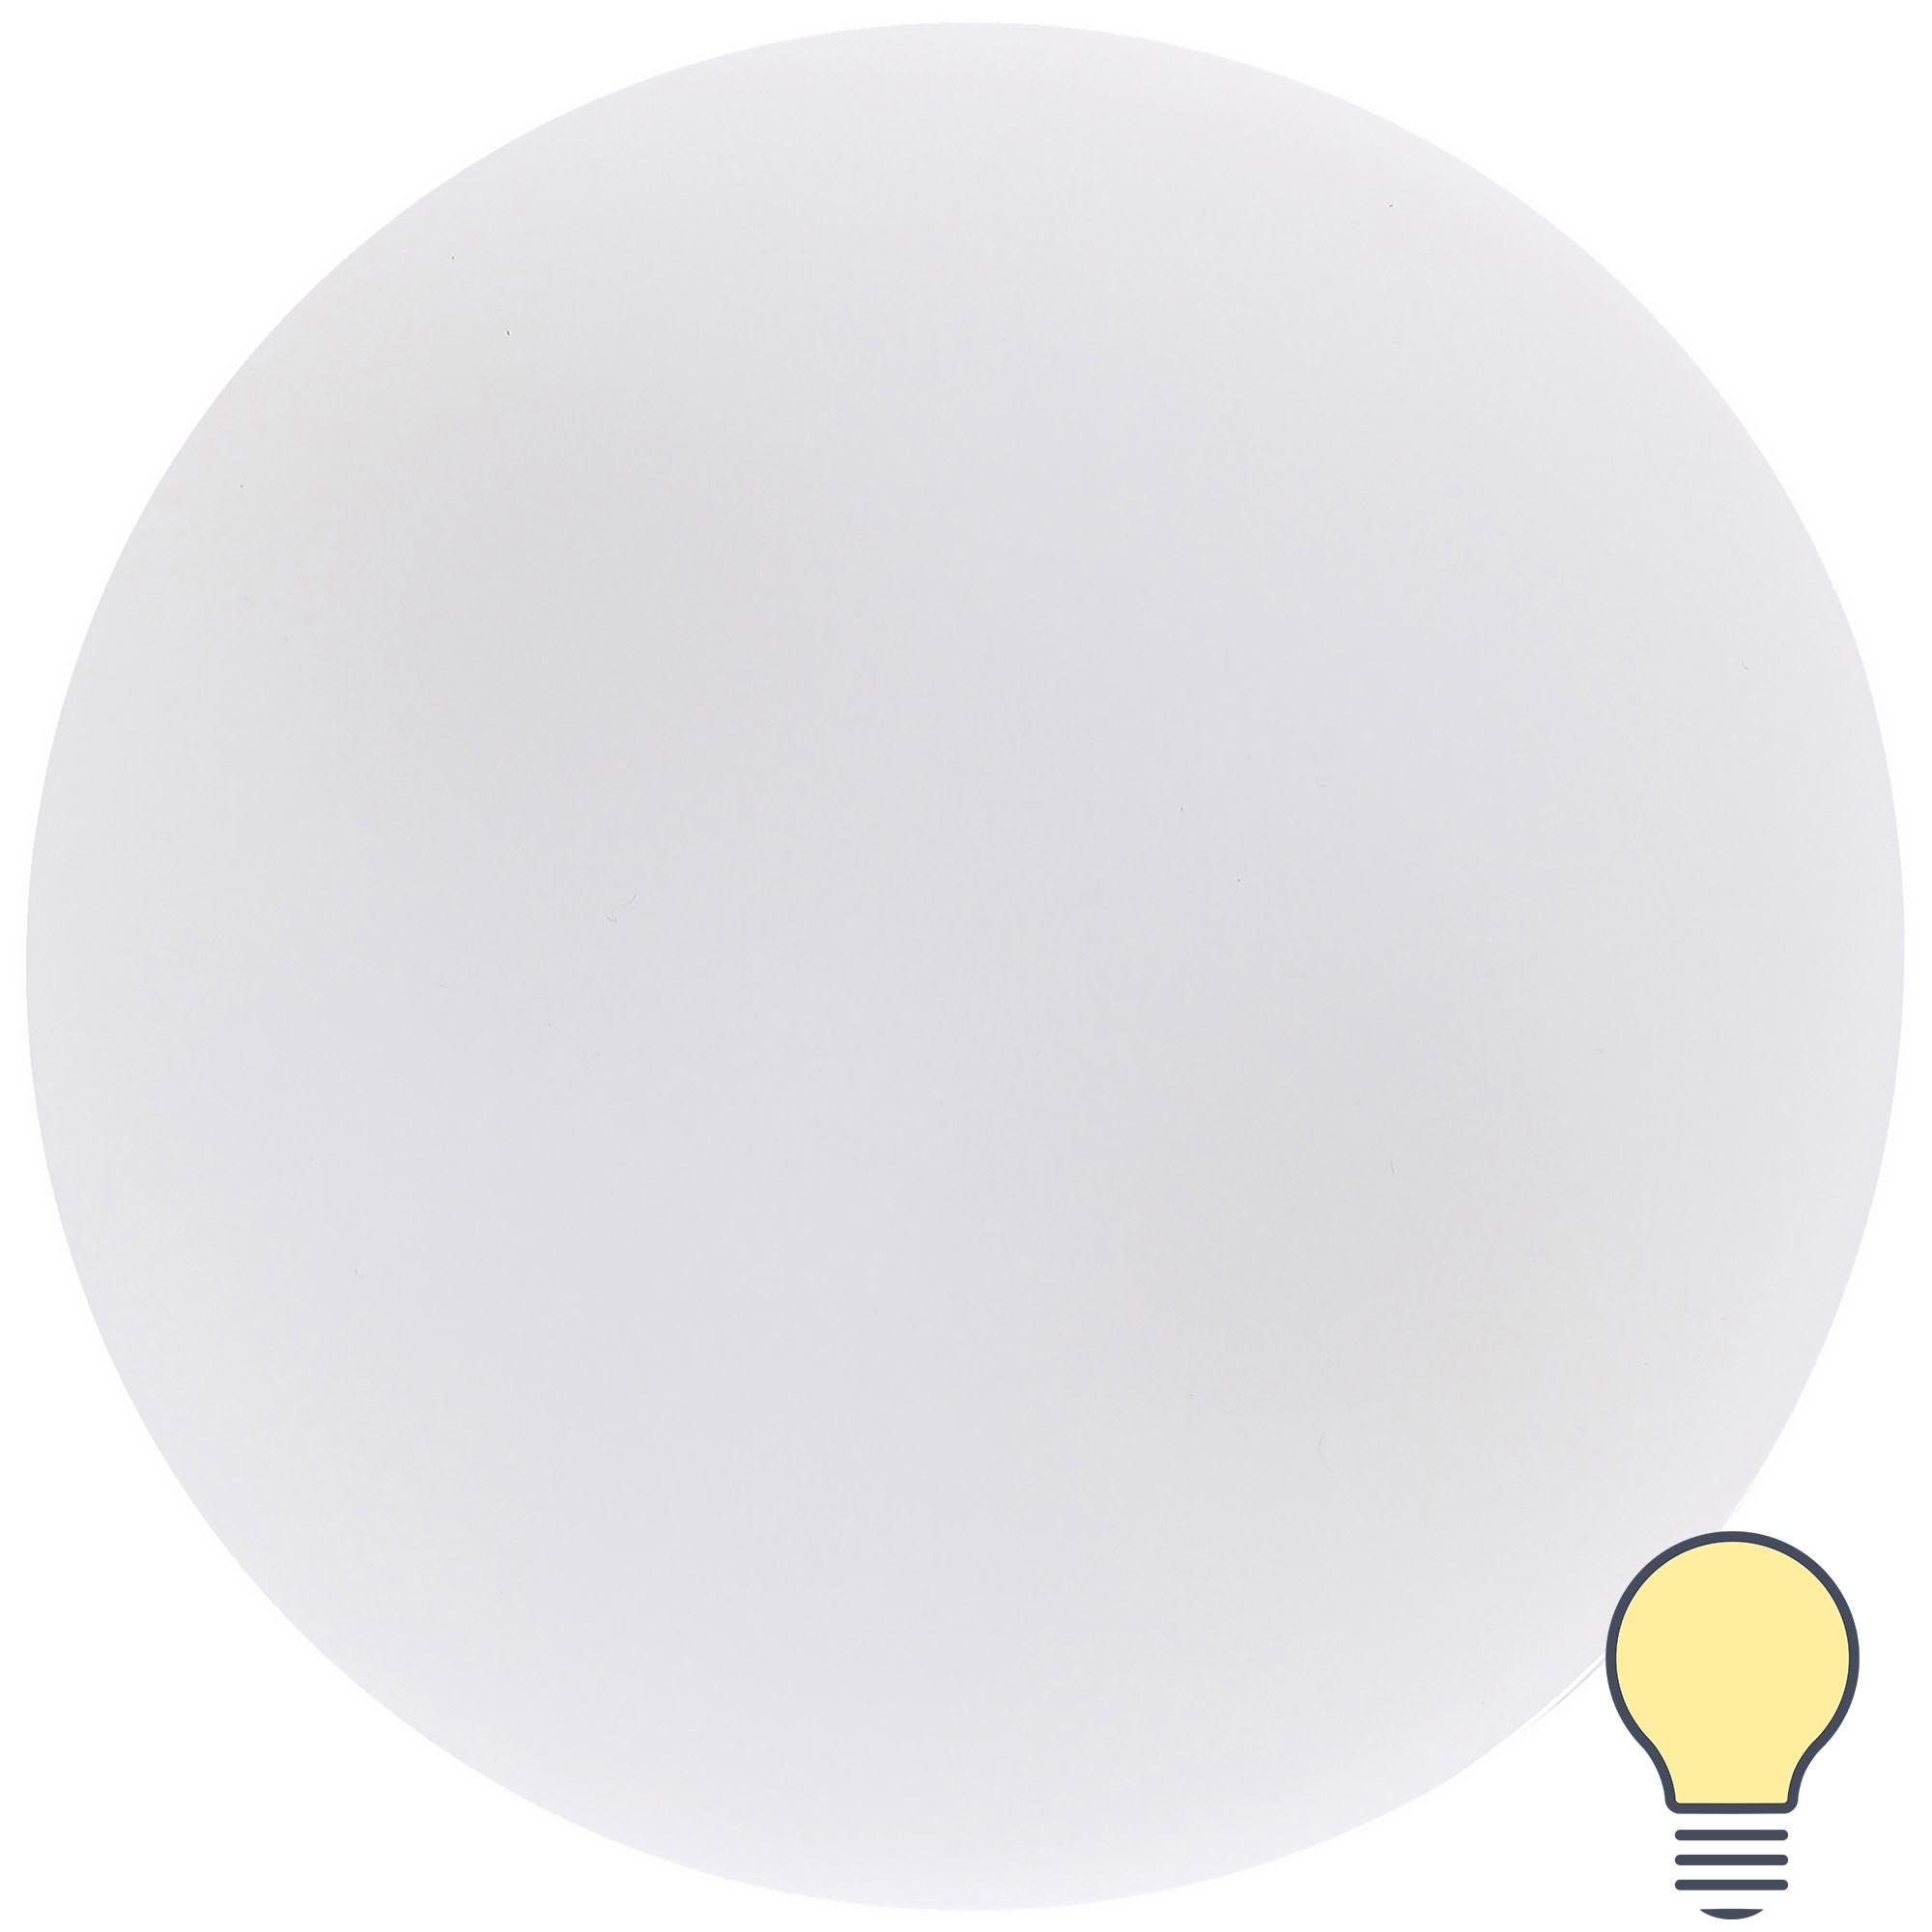 Лампа светодиодная Osram GX53 7 Вт 550 Лм свет тёплый белый